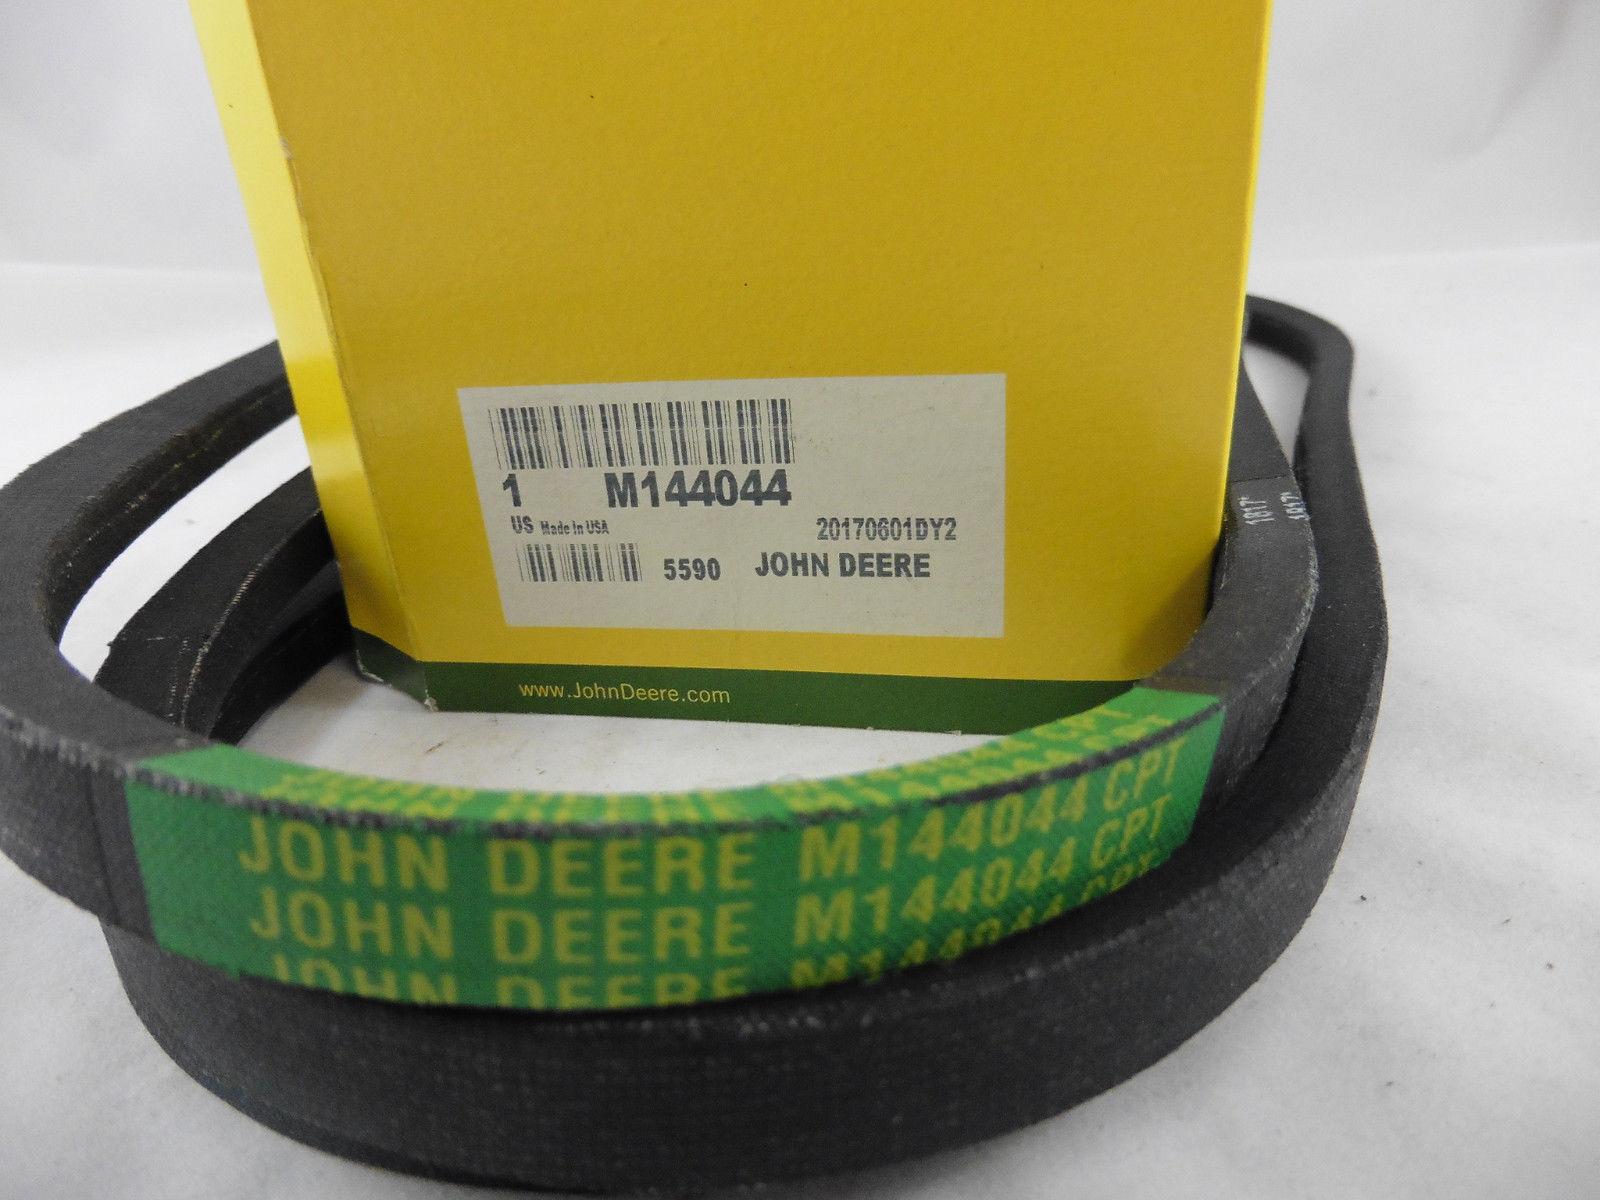 ORIGINALE JOHN DEERE cinghie trapezoidali trasmissione a cinghia attacco di guida ingranaggi lt160 170 X